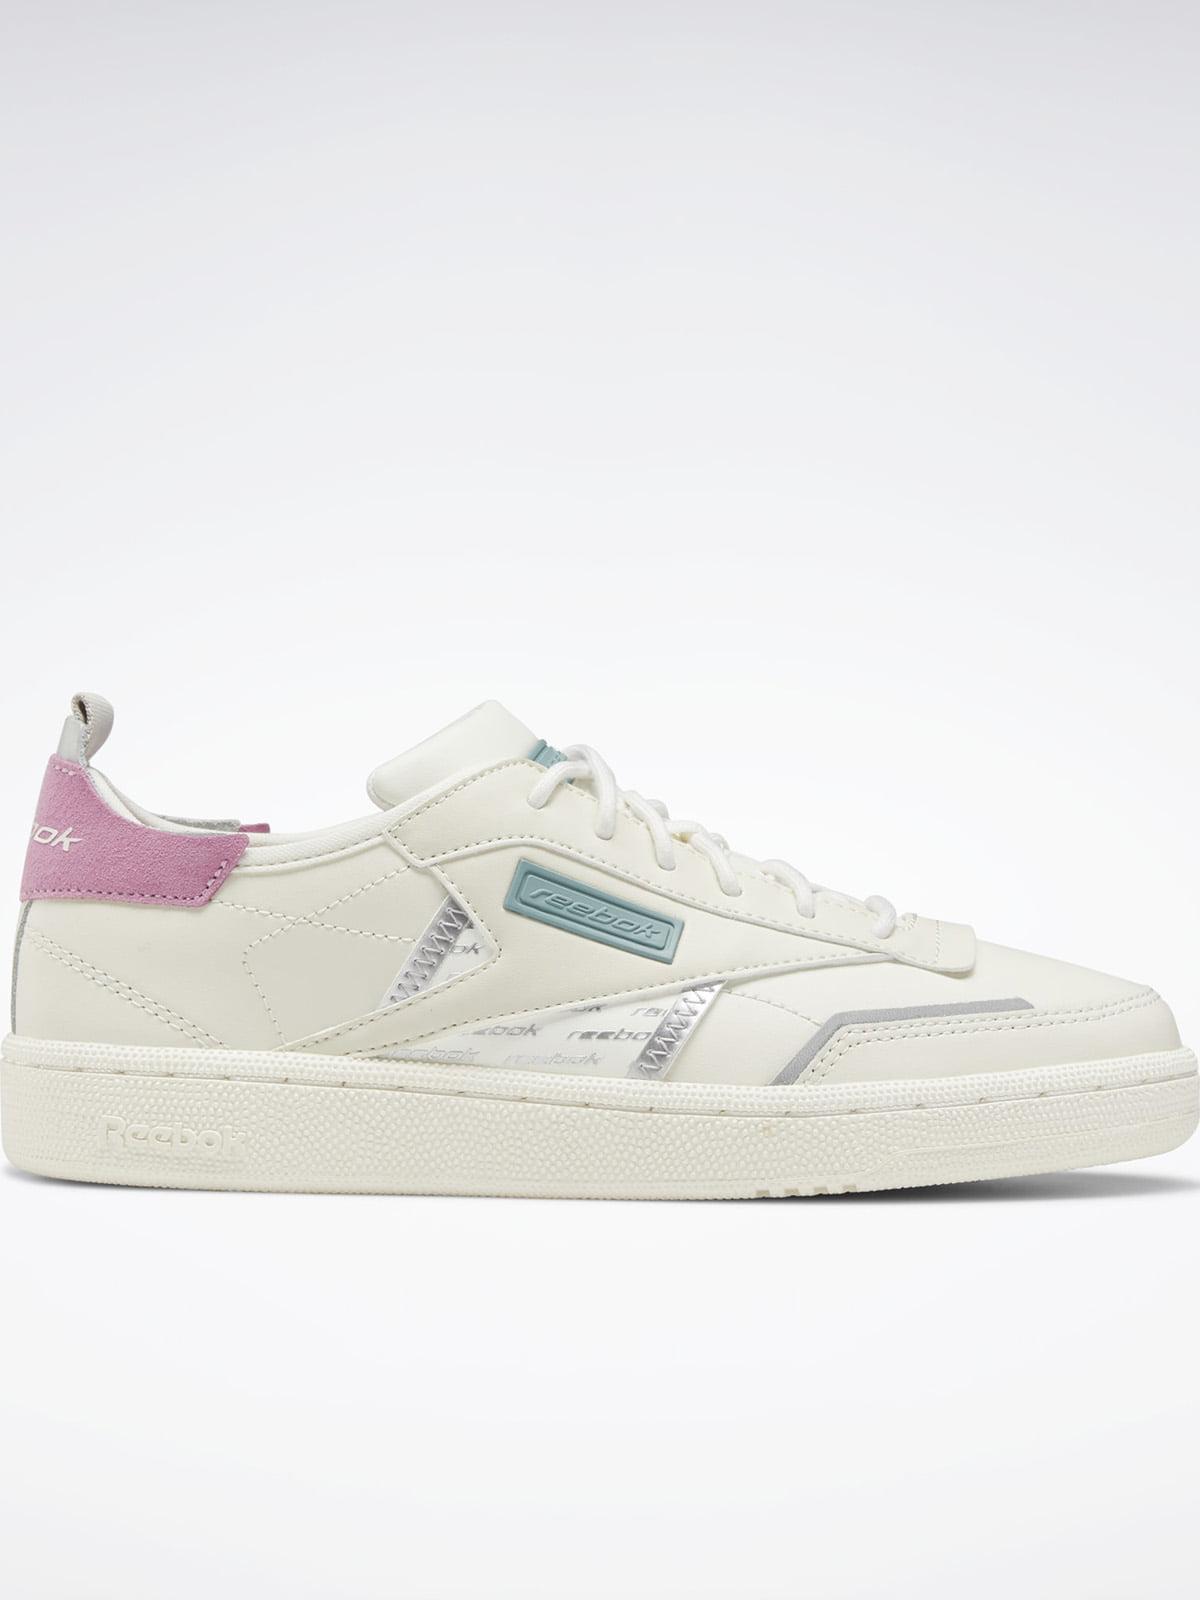 Кроссовки бело-ментолового цвета с логотипом | 5524977